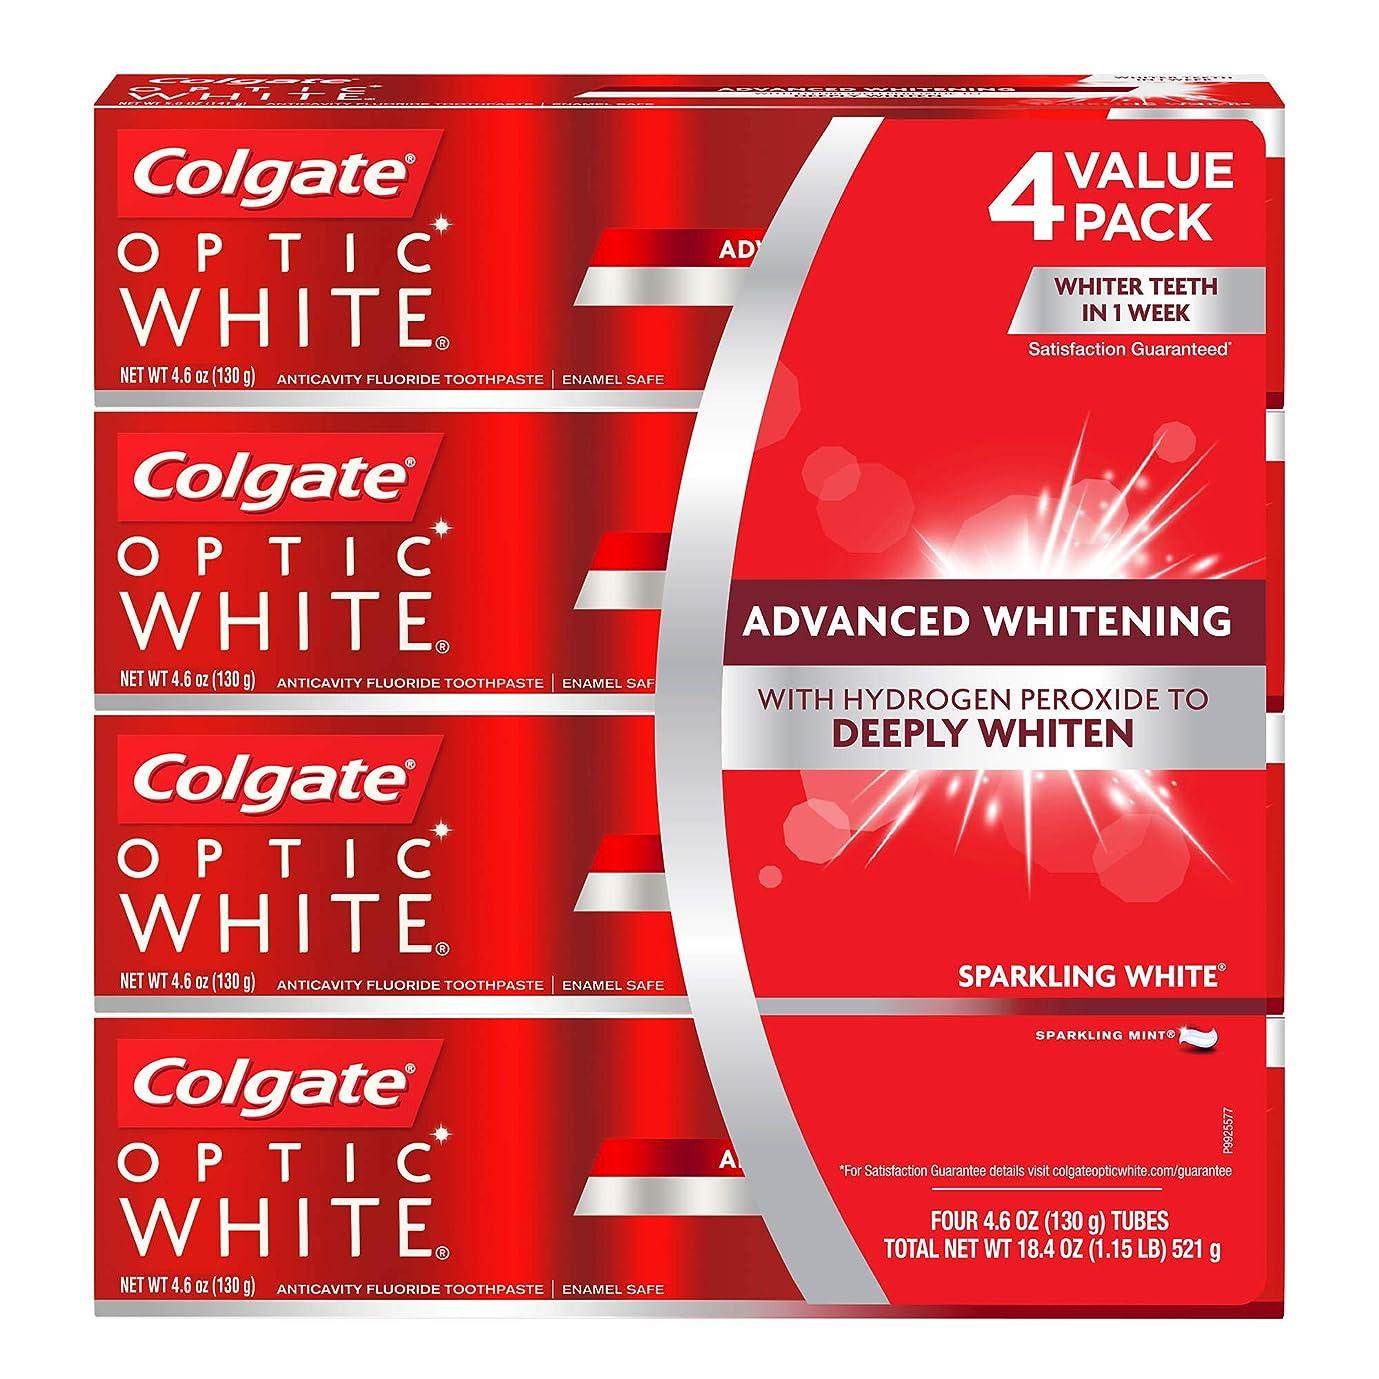 コンピューターを使用する宇宙飛行士マイクロ海外直送品 コルゲートオプティックホワイトスパークリングホワイト 歯磨き粉 Colgate Optic White Sparkling White Toothpaste, Sparkling Mint (4.6 oz, 5 pk.) 130gx5本